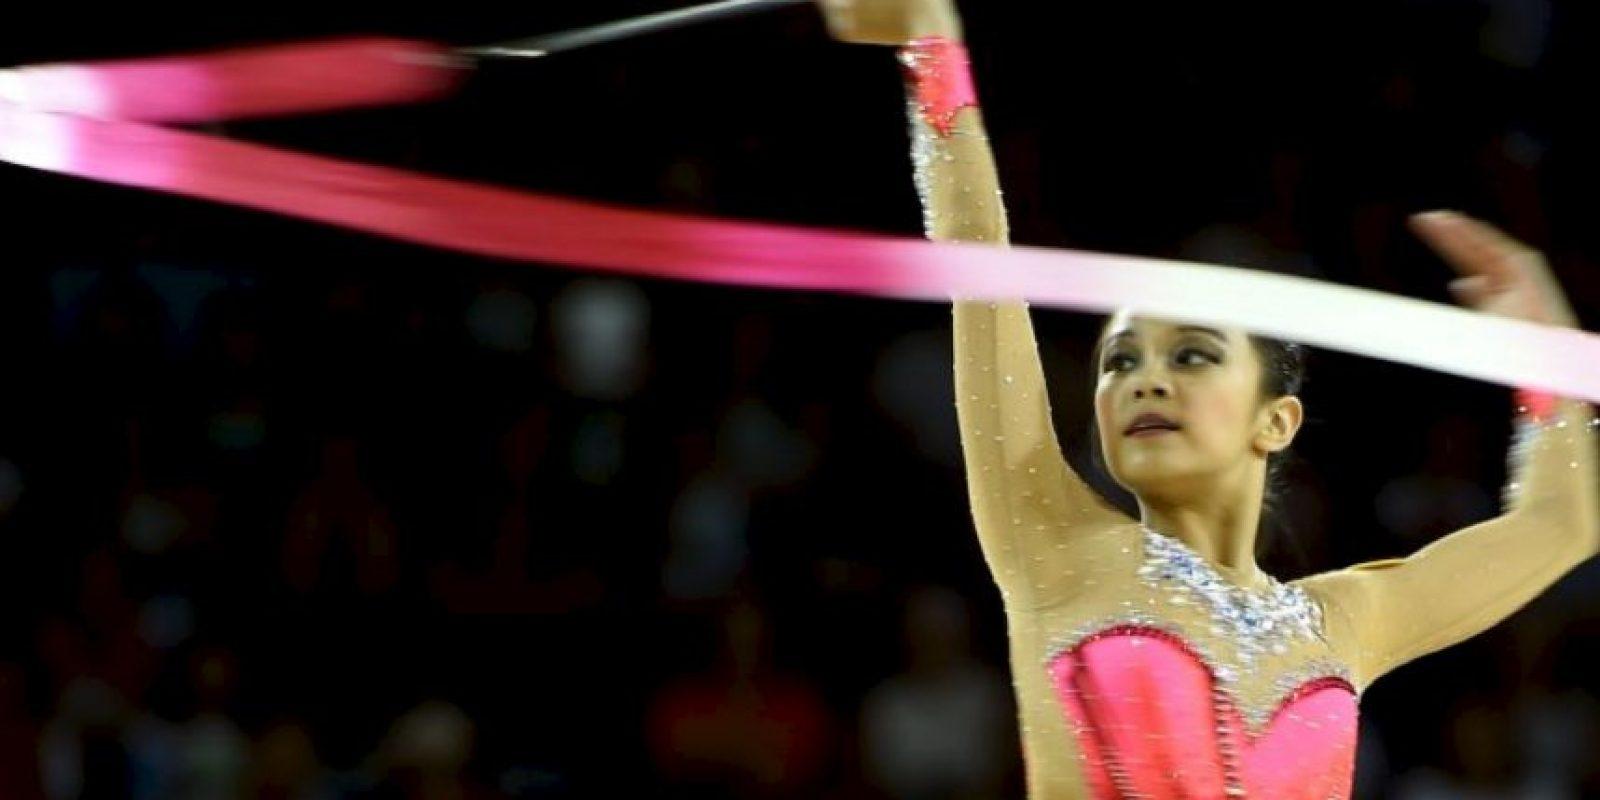 Se convirtió en la reina de los Juegos Panamericanos 2015 Foto:Getty Images